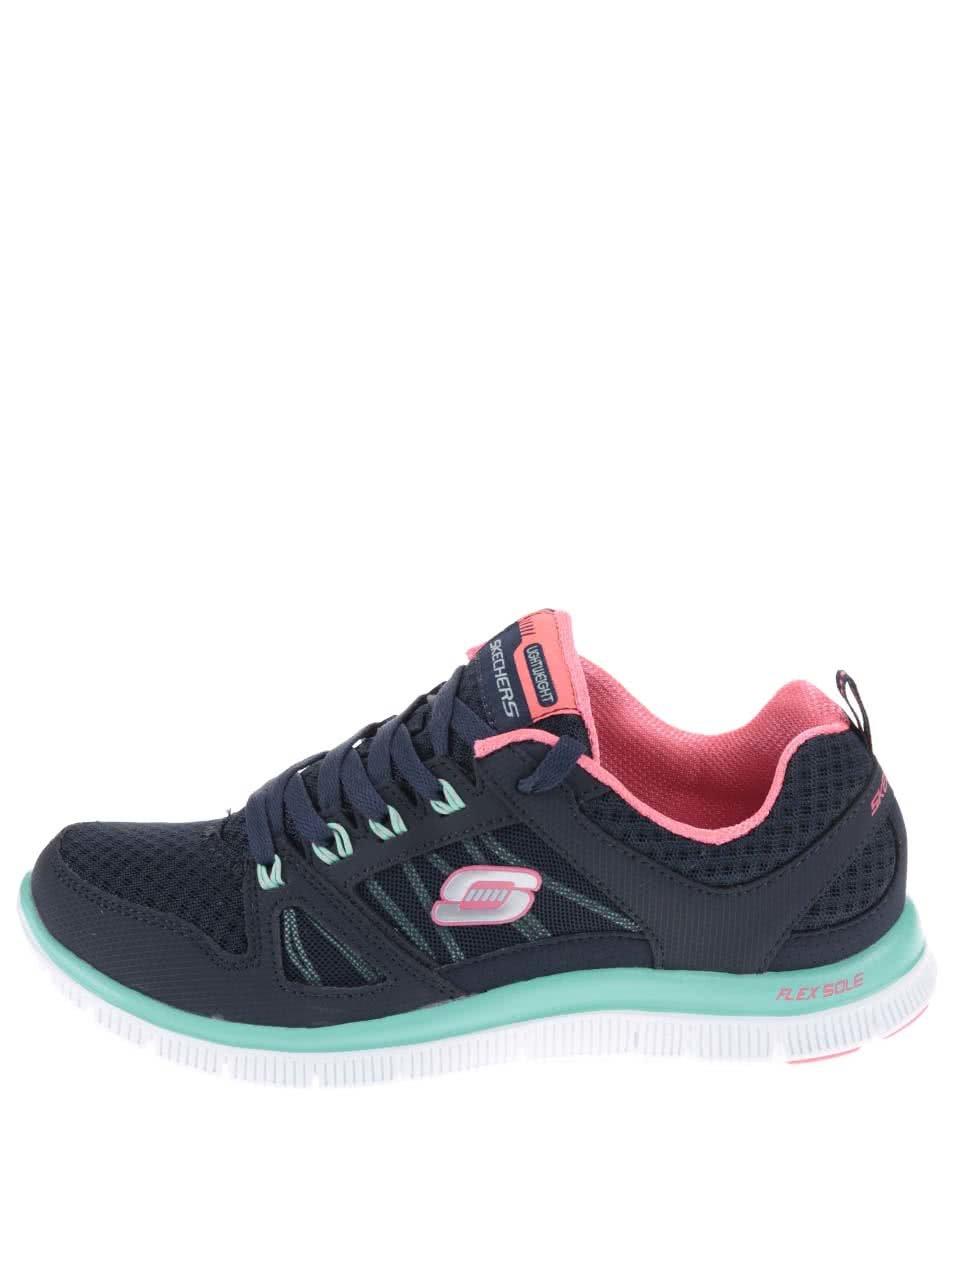 Tmavě modré dámské sportovní tenisky Skechers Adaptable ... 2cddc44631